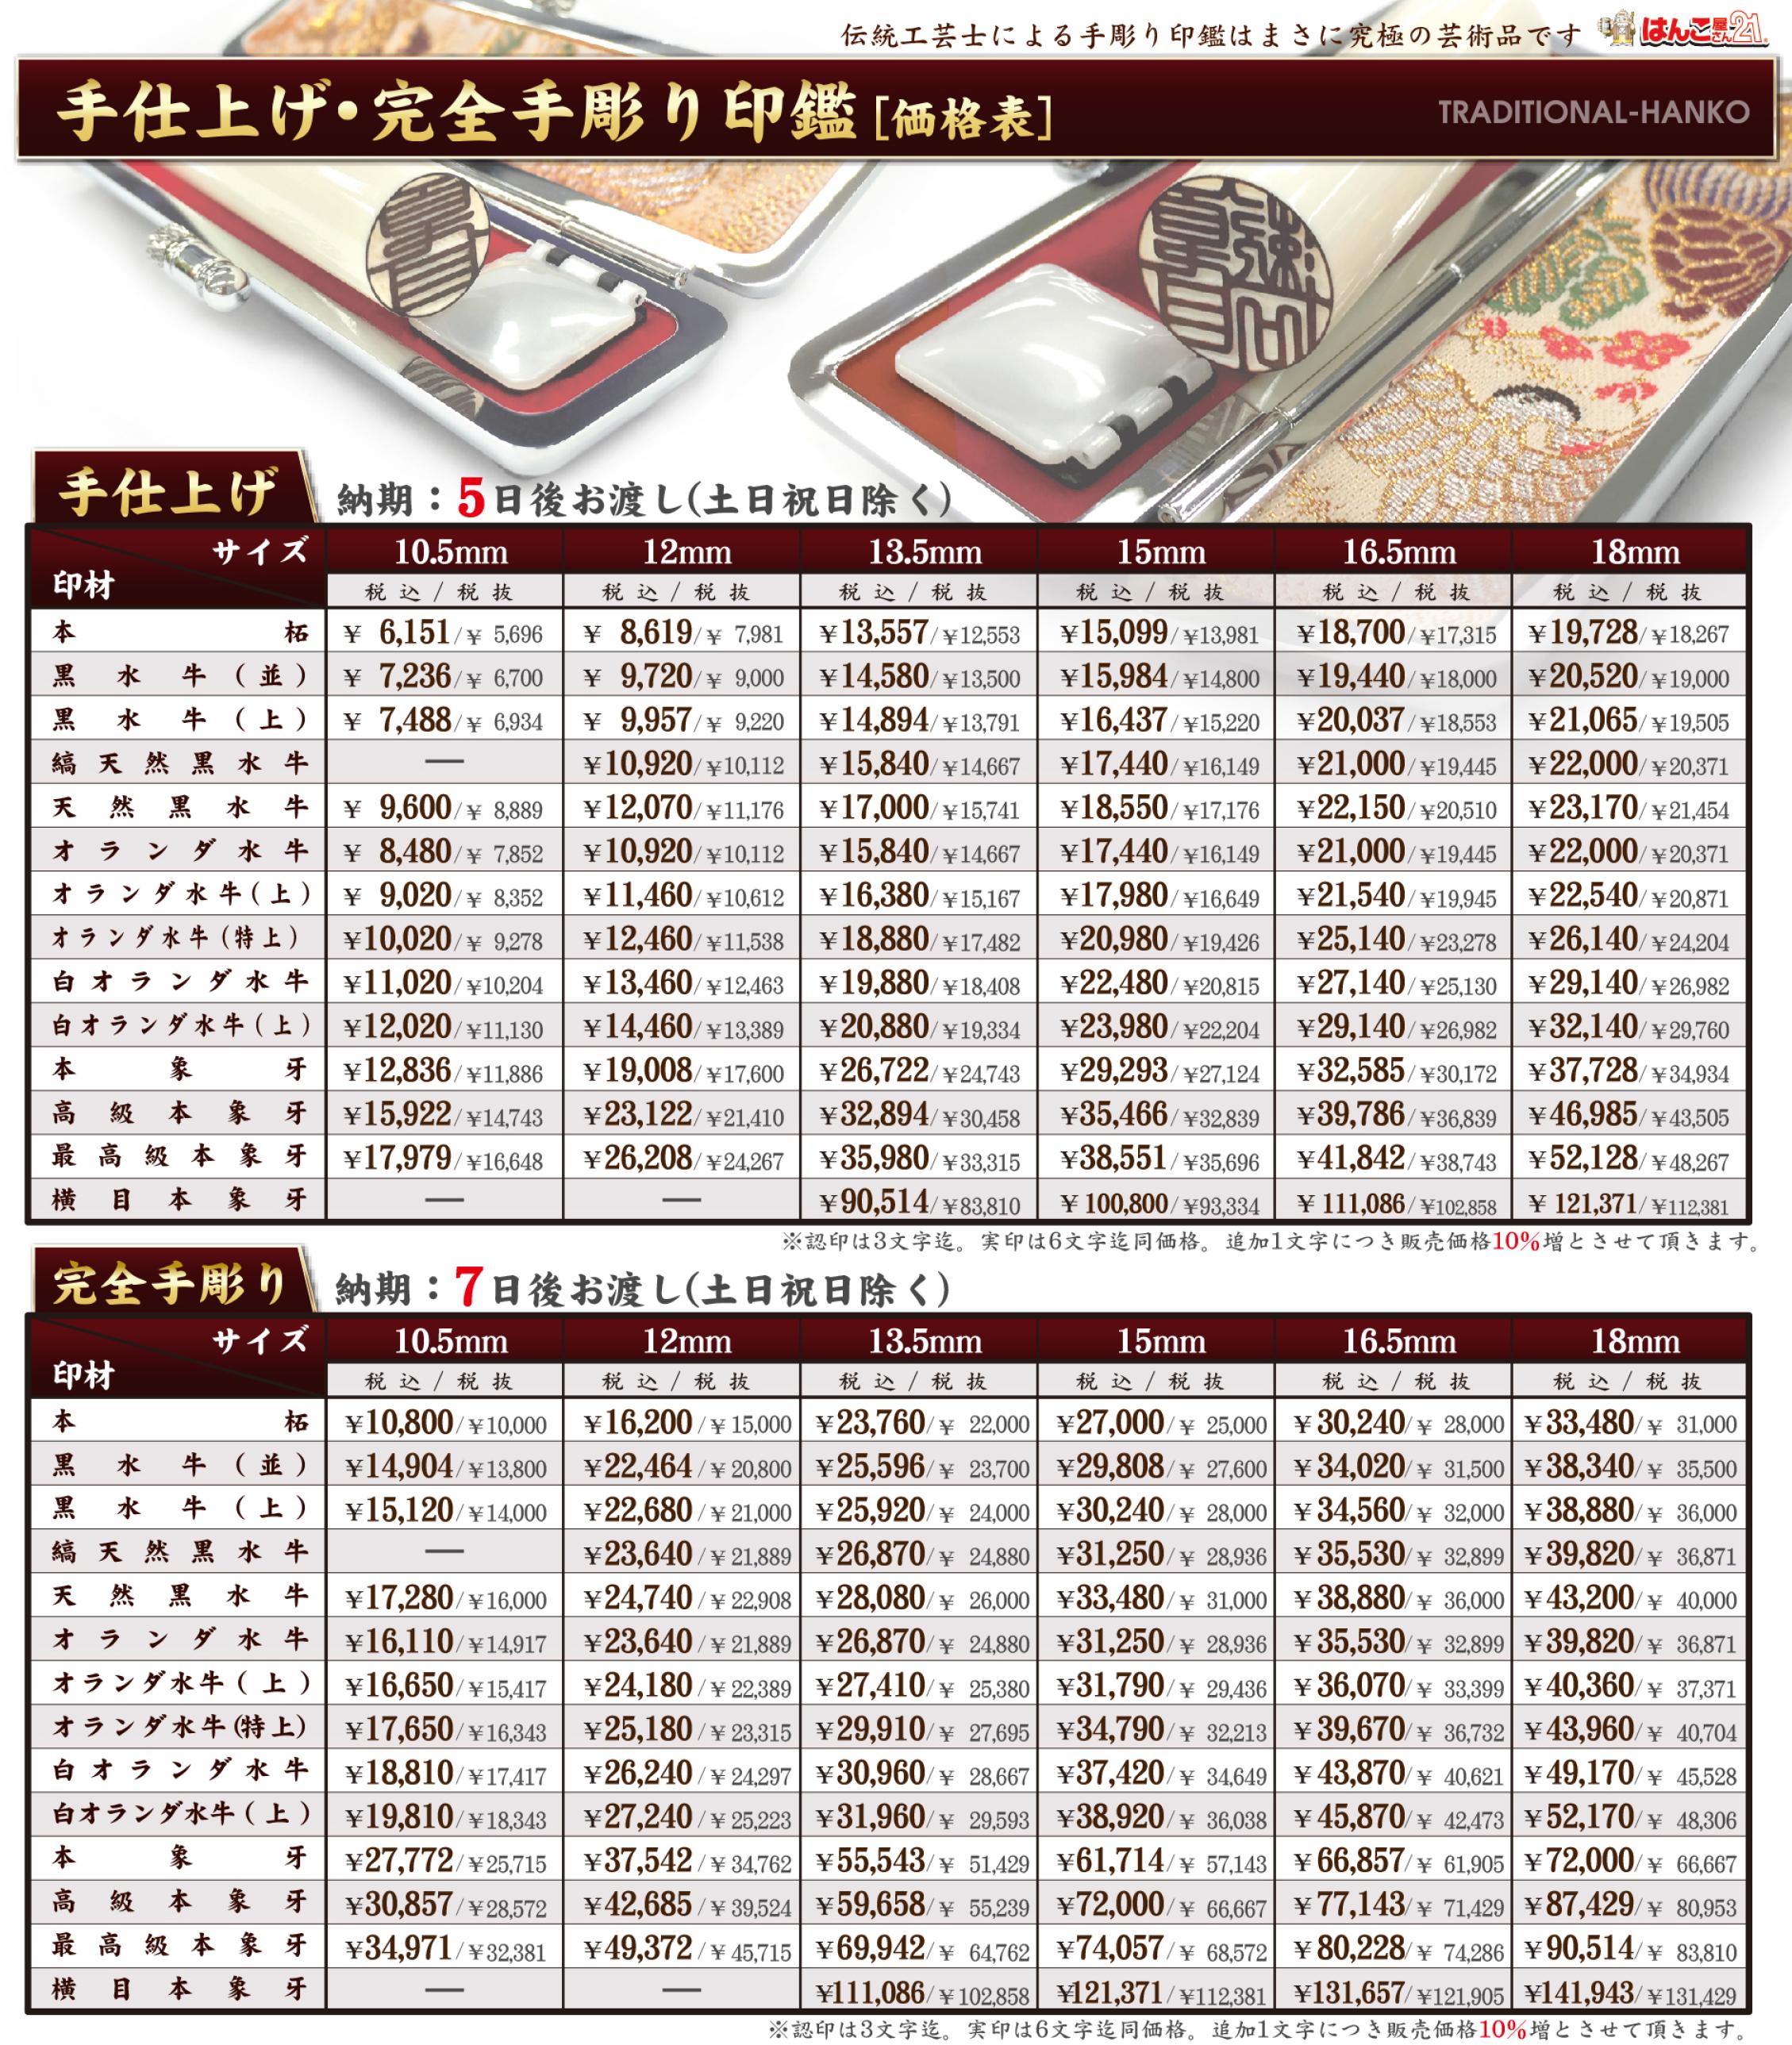 手彫り印鑑の販売価格201802